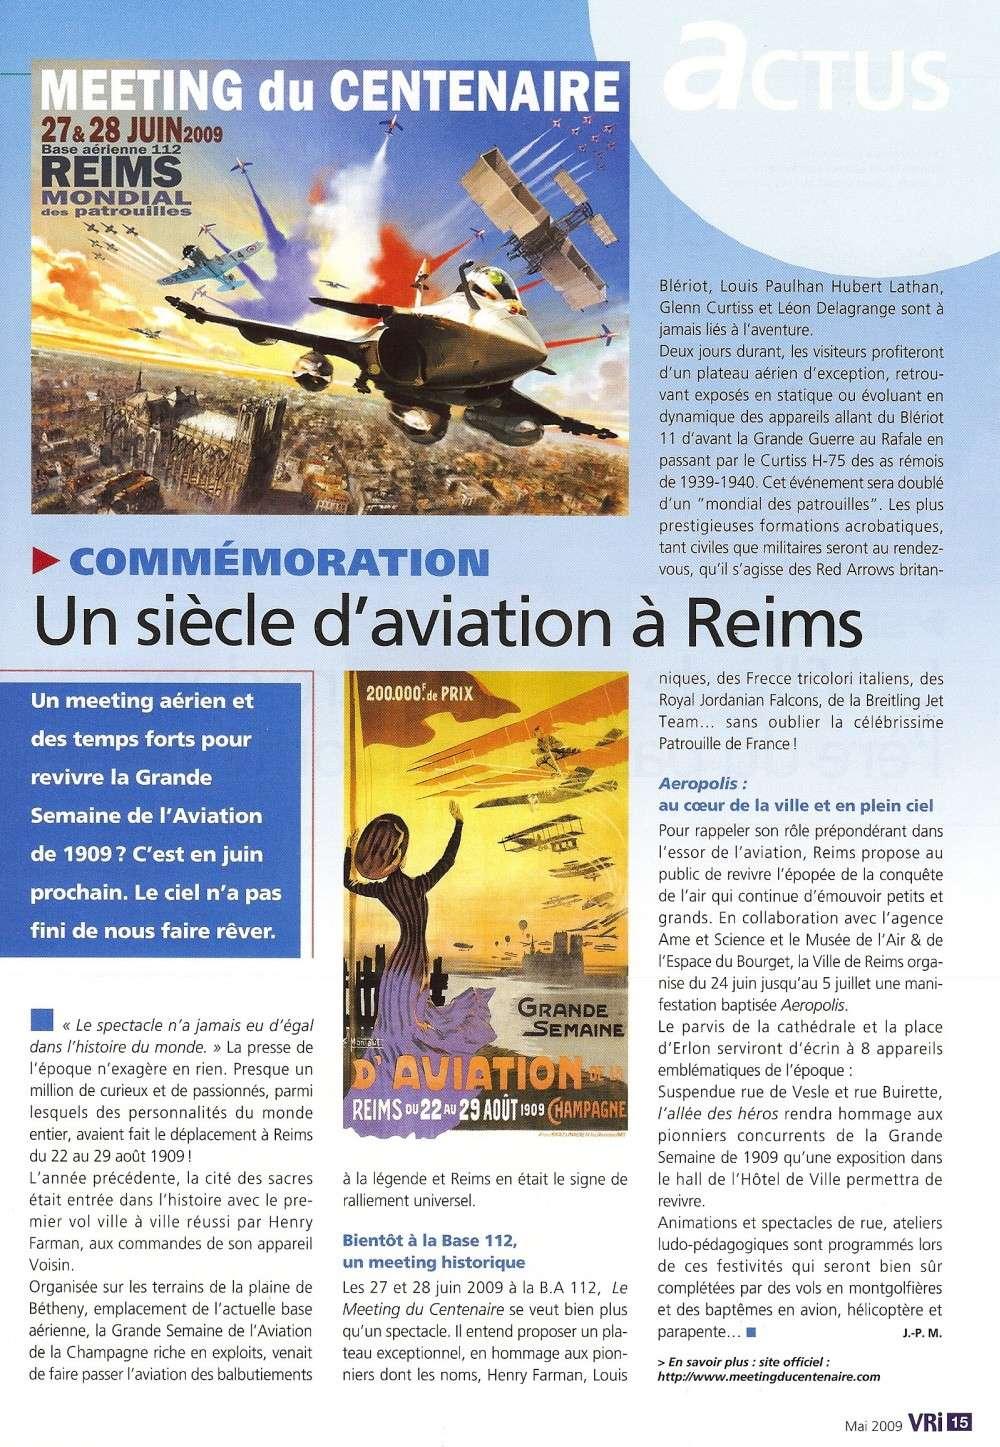 VRI - Ville de REIMS Informations 0211